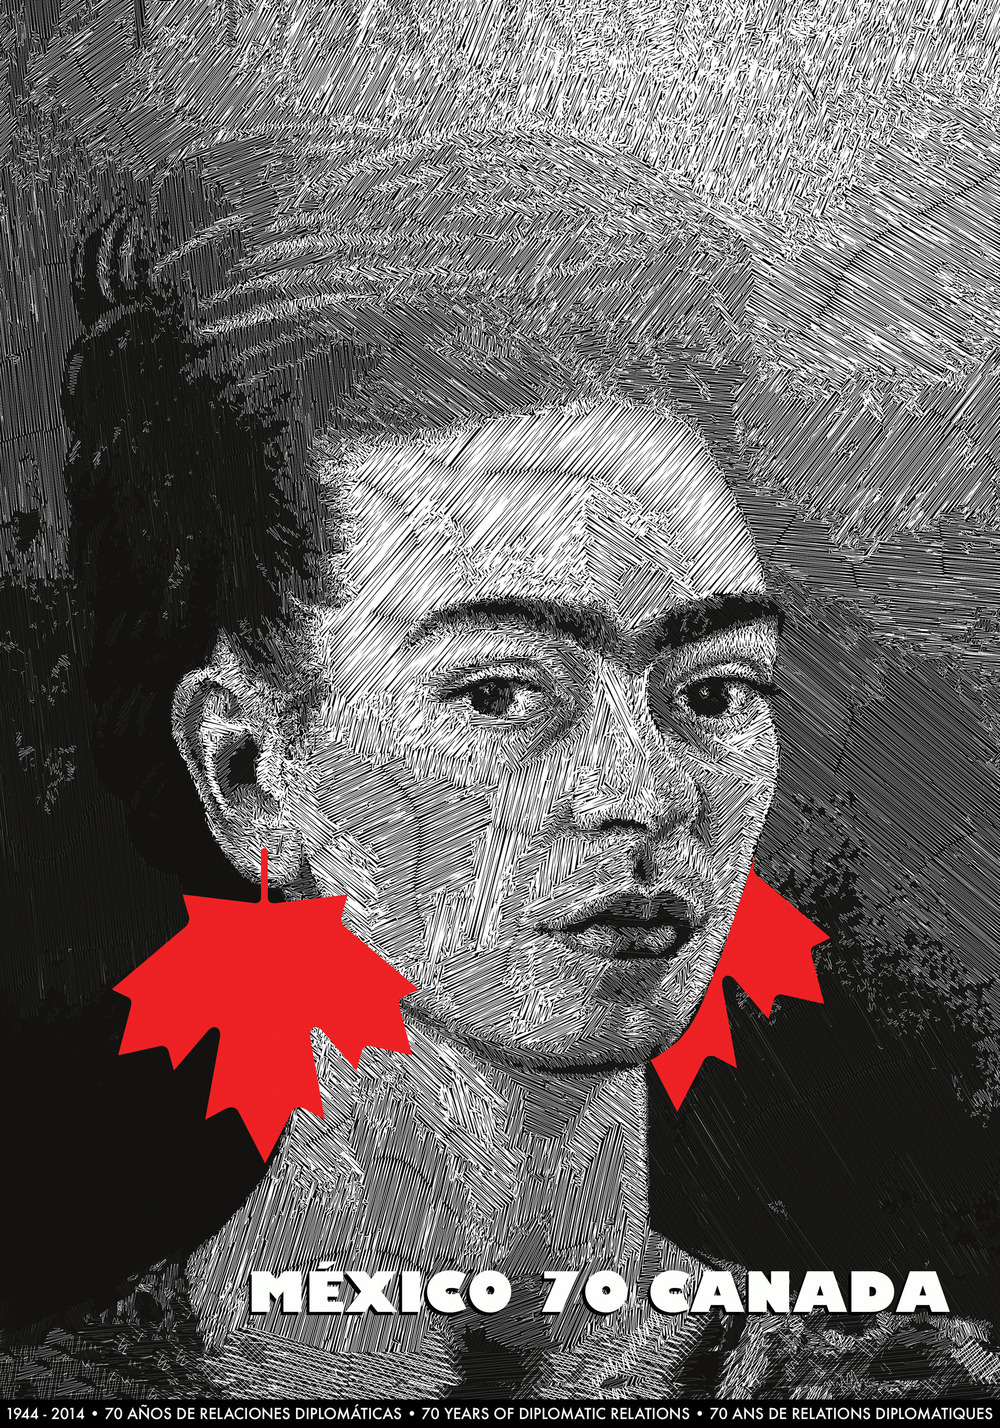 MÉXICO-CANADA, 70 años de relaciones diplomáticas, 2014, por Nelu Wolfensohn. Afiche seleccionado para la Bienal Internacional del Afiche en La Paz, Bolivia, 2015, y la Golden Bee Bienal Internacional del Afiche en Moscú, Rusia, 2016. Foto: Nelu Wolfensohn